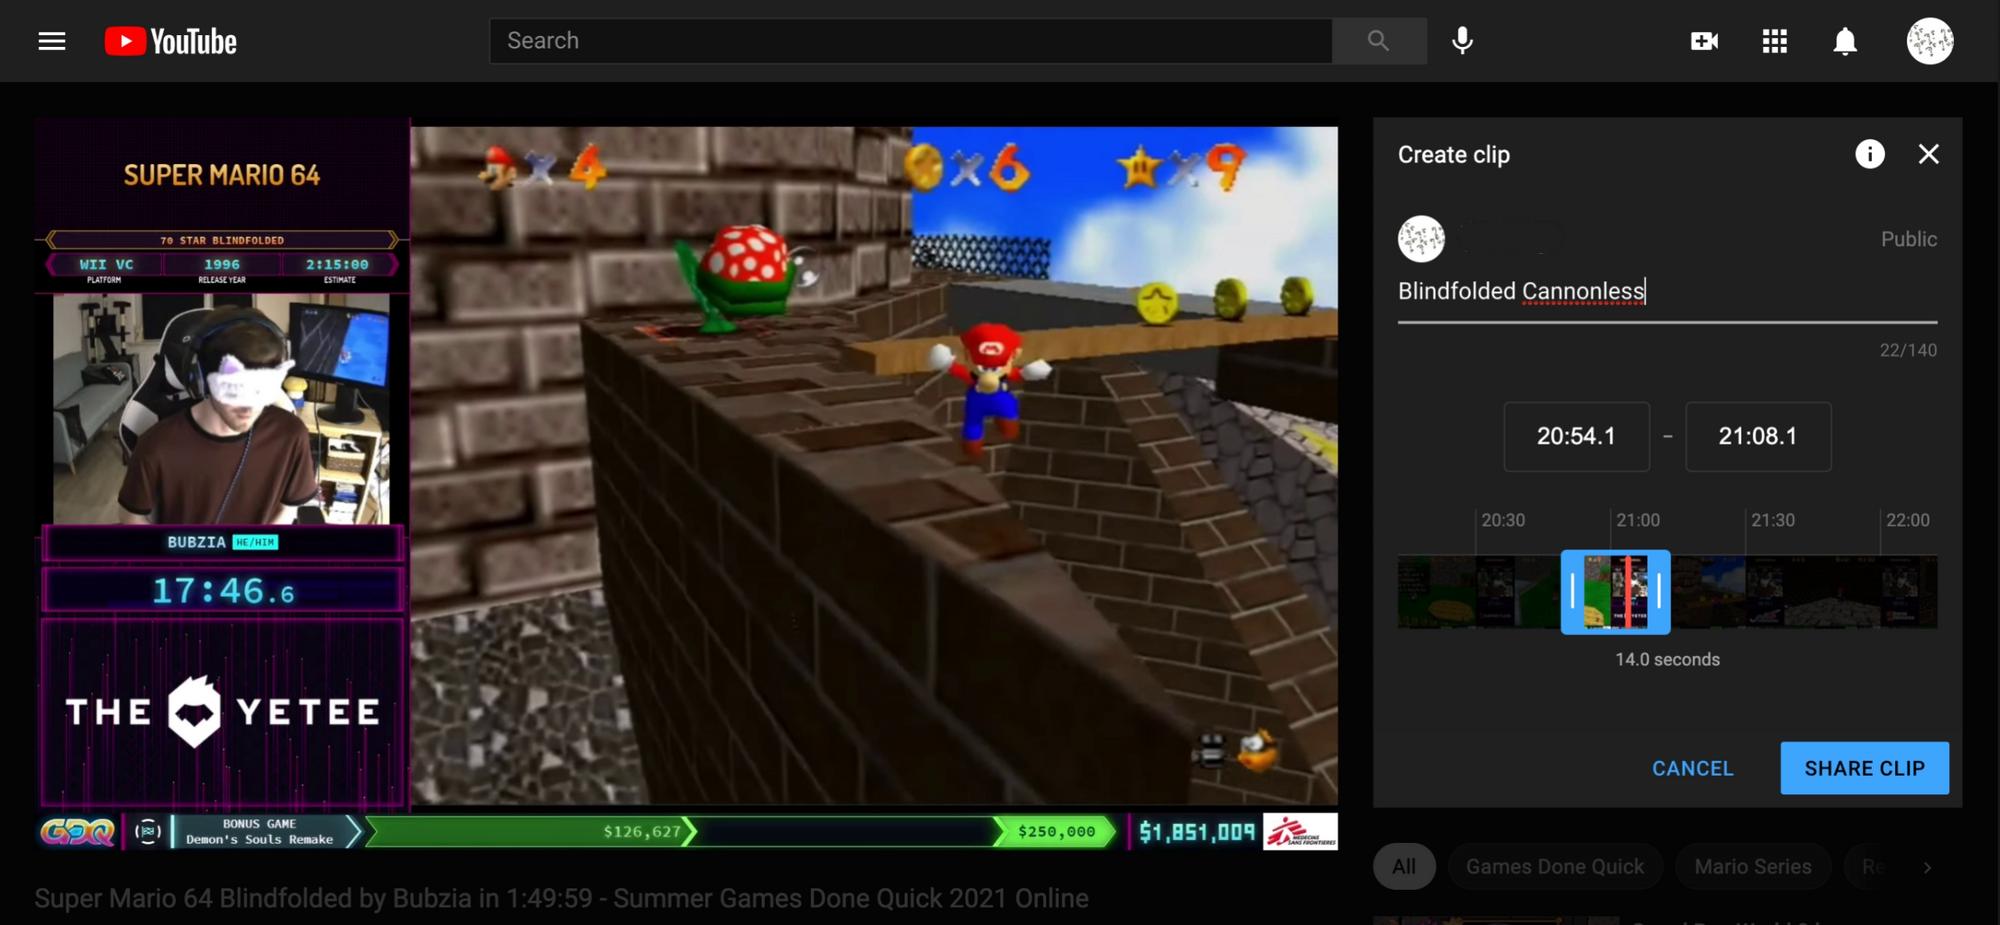 Una captura de pantalla que muestra cómo seleccionar un clip en YouTube.